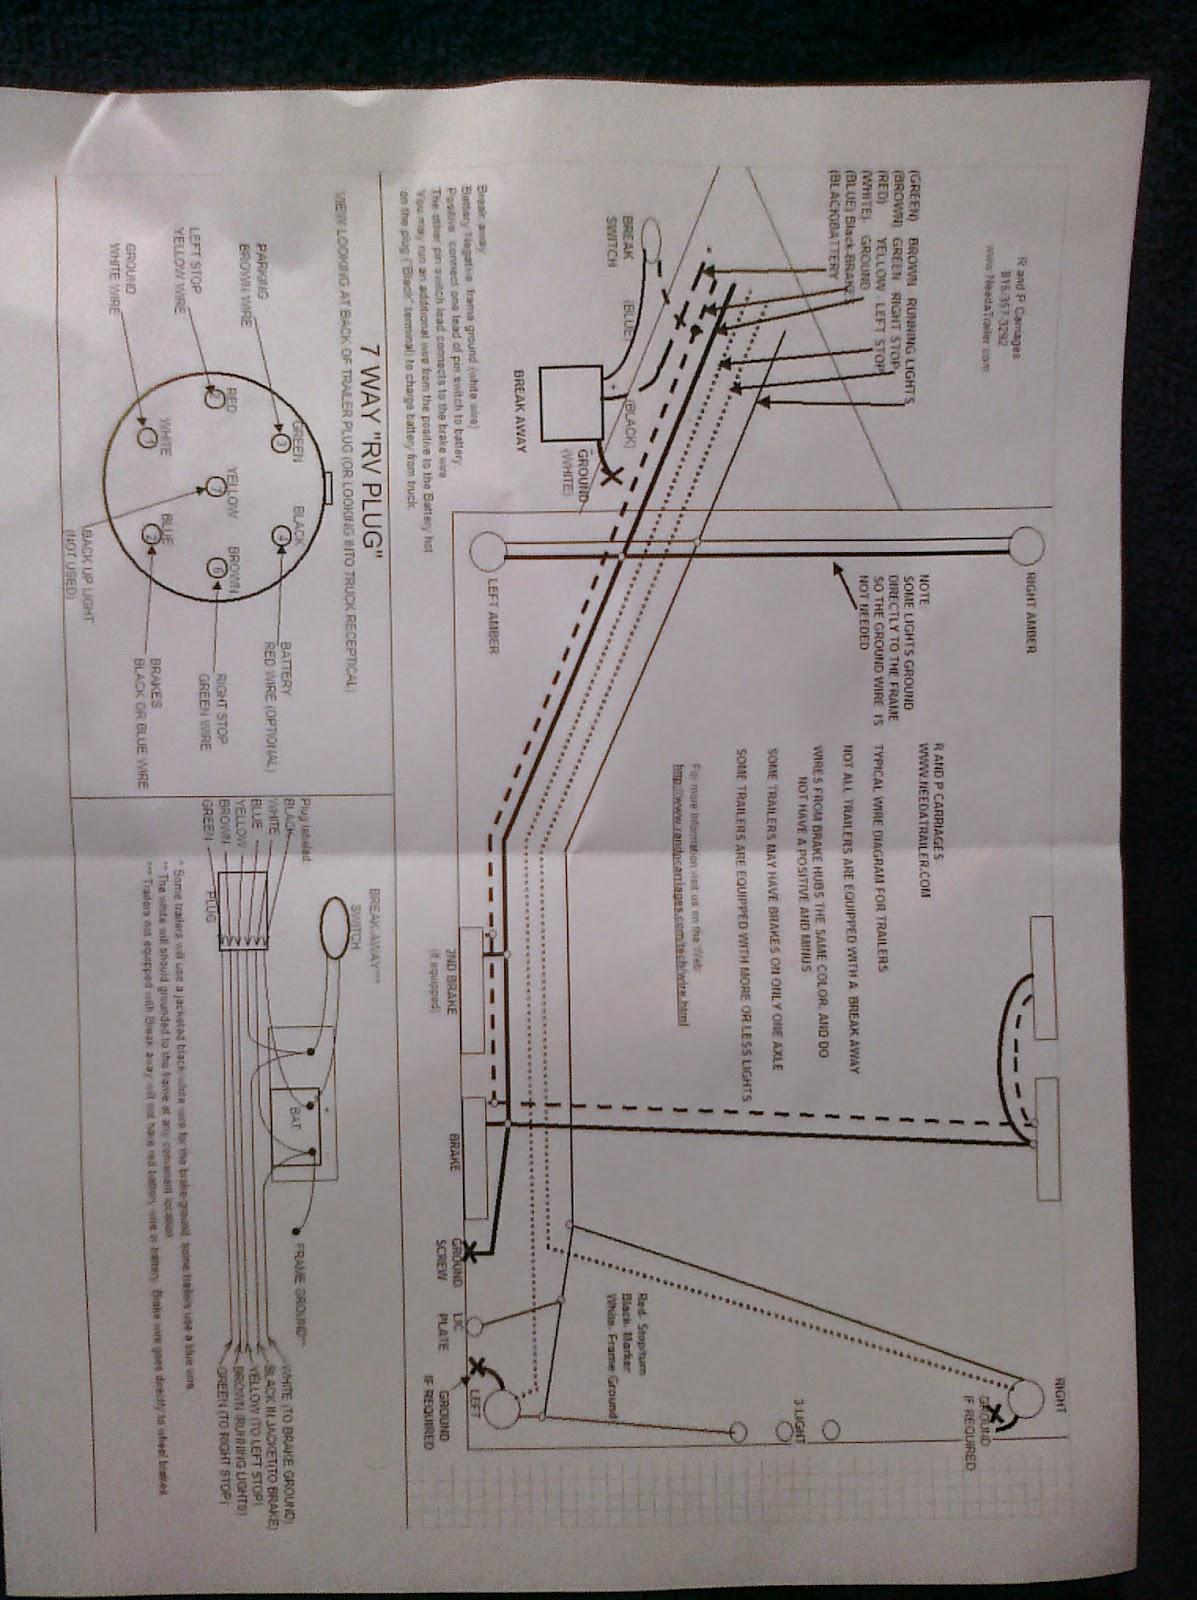 trailer lights and brake wiring diagram [ 1197 x 1600 Pixel ]